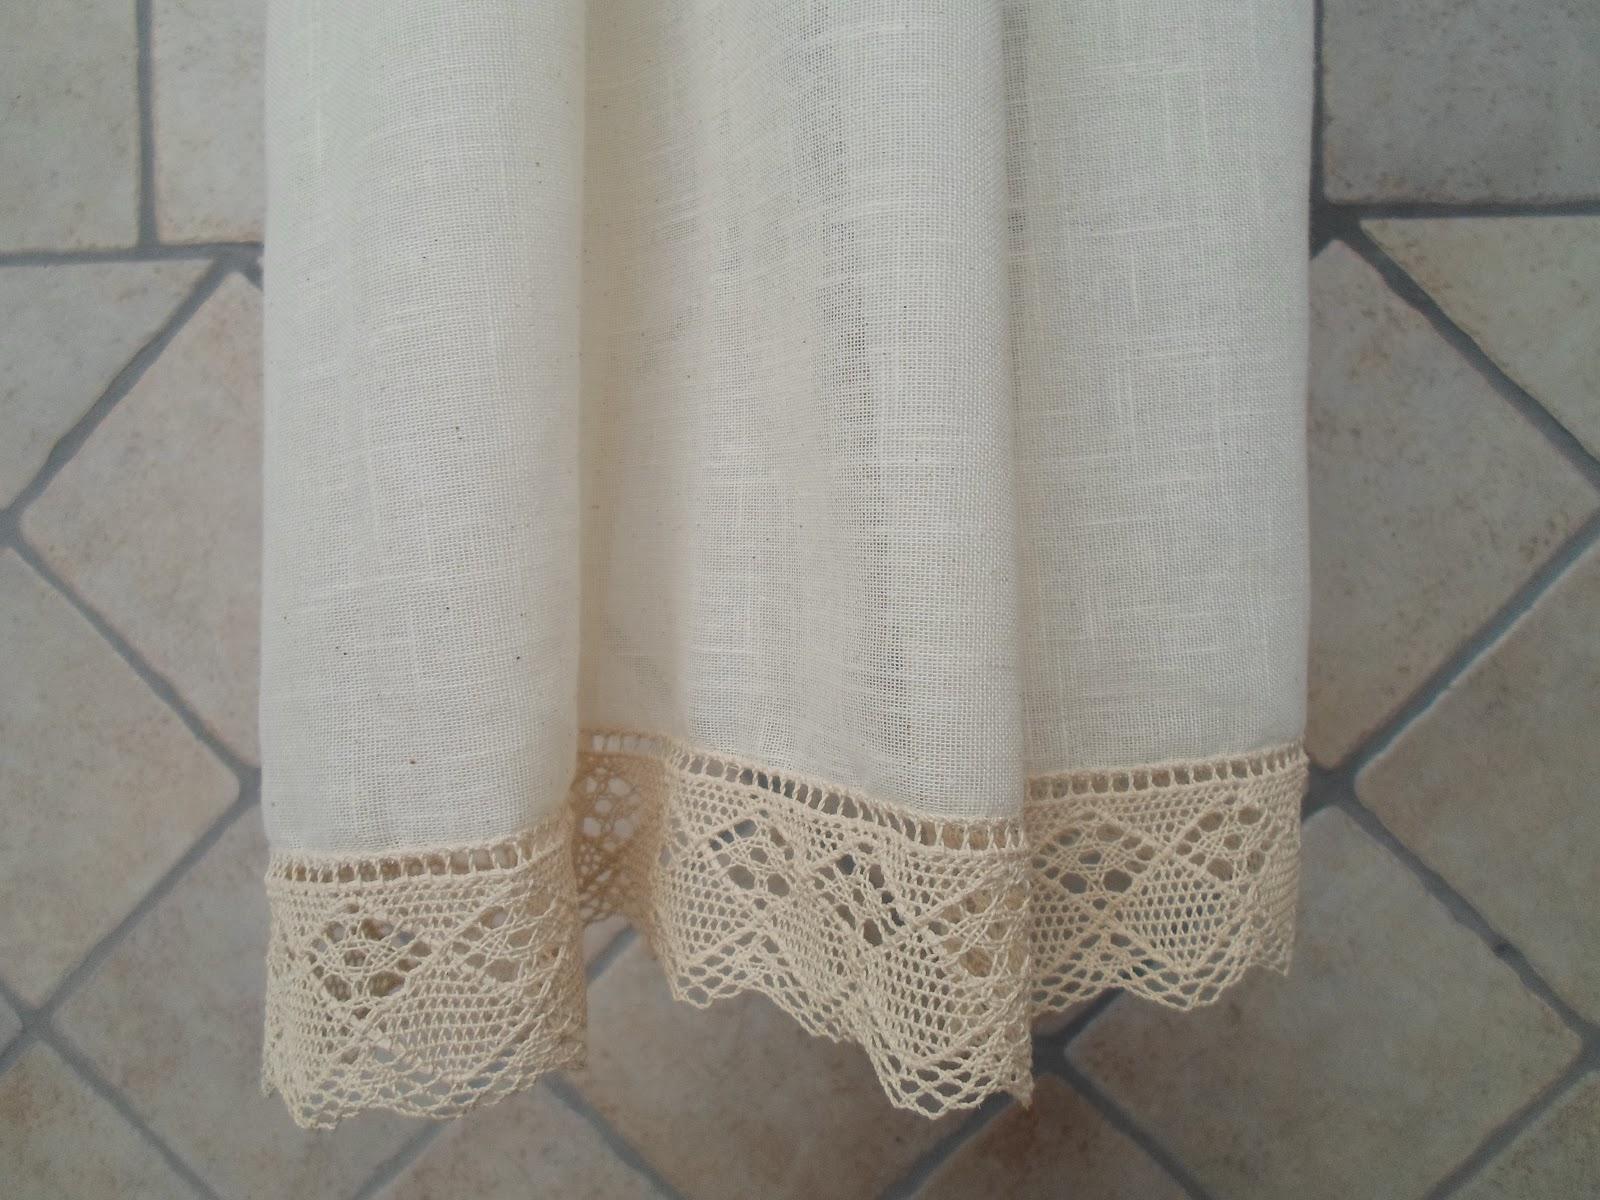 El costurero de Marisol: cortina para cocina de estilo rustico